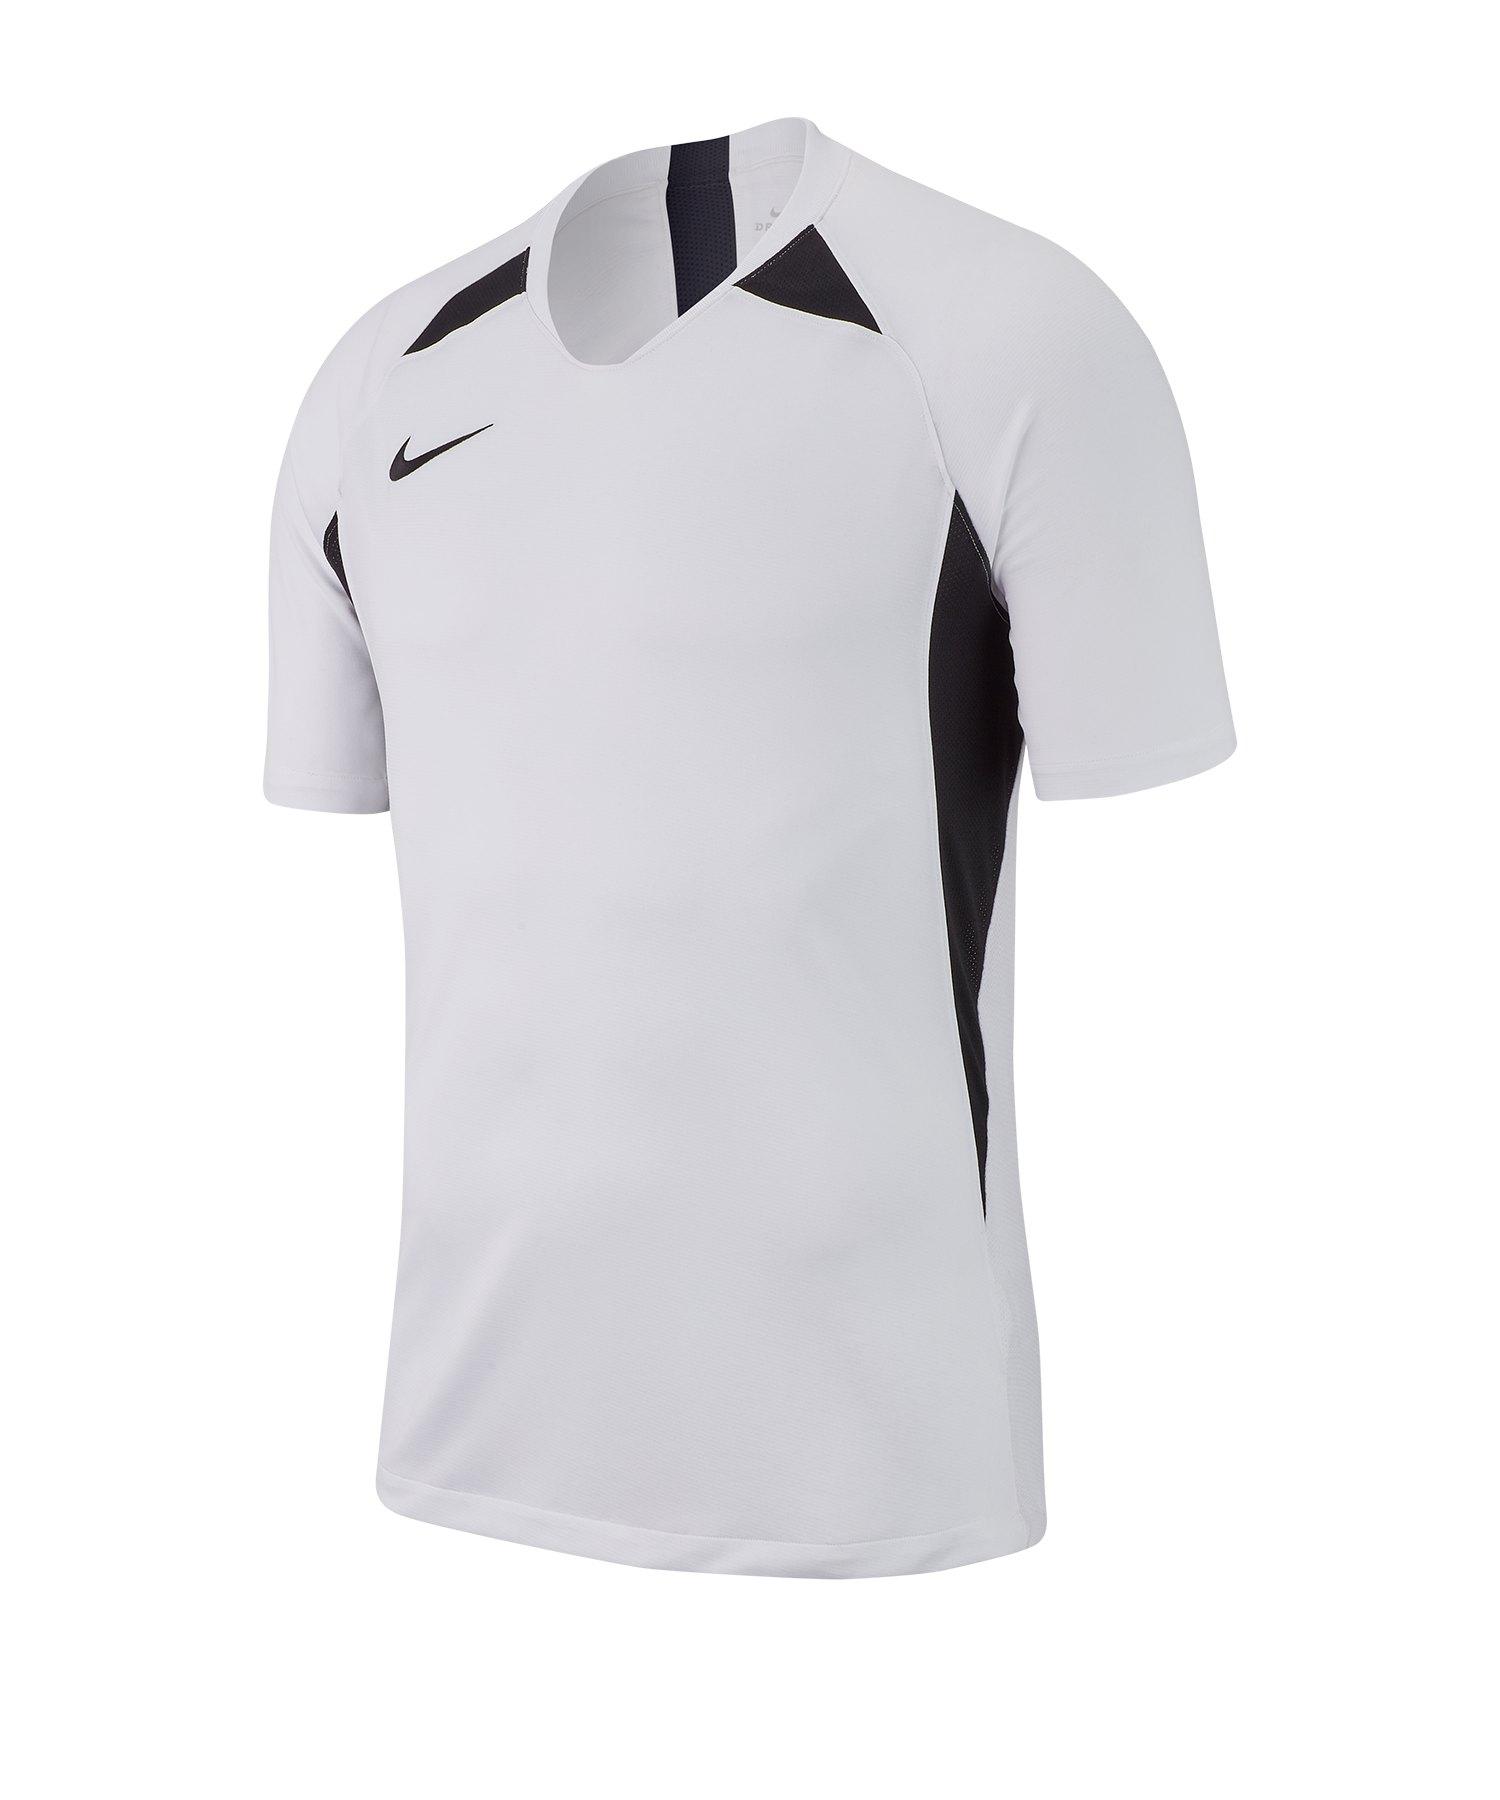 Nike Legend Trikot kurzarm Kids Weiss F100 - weiss